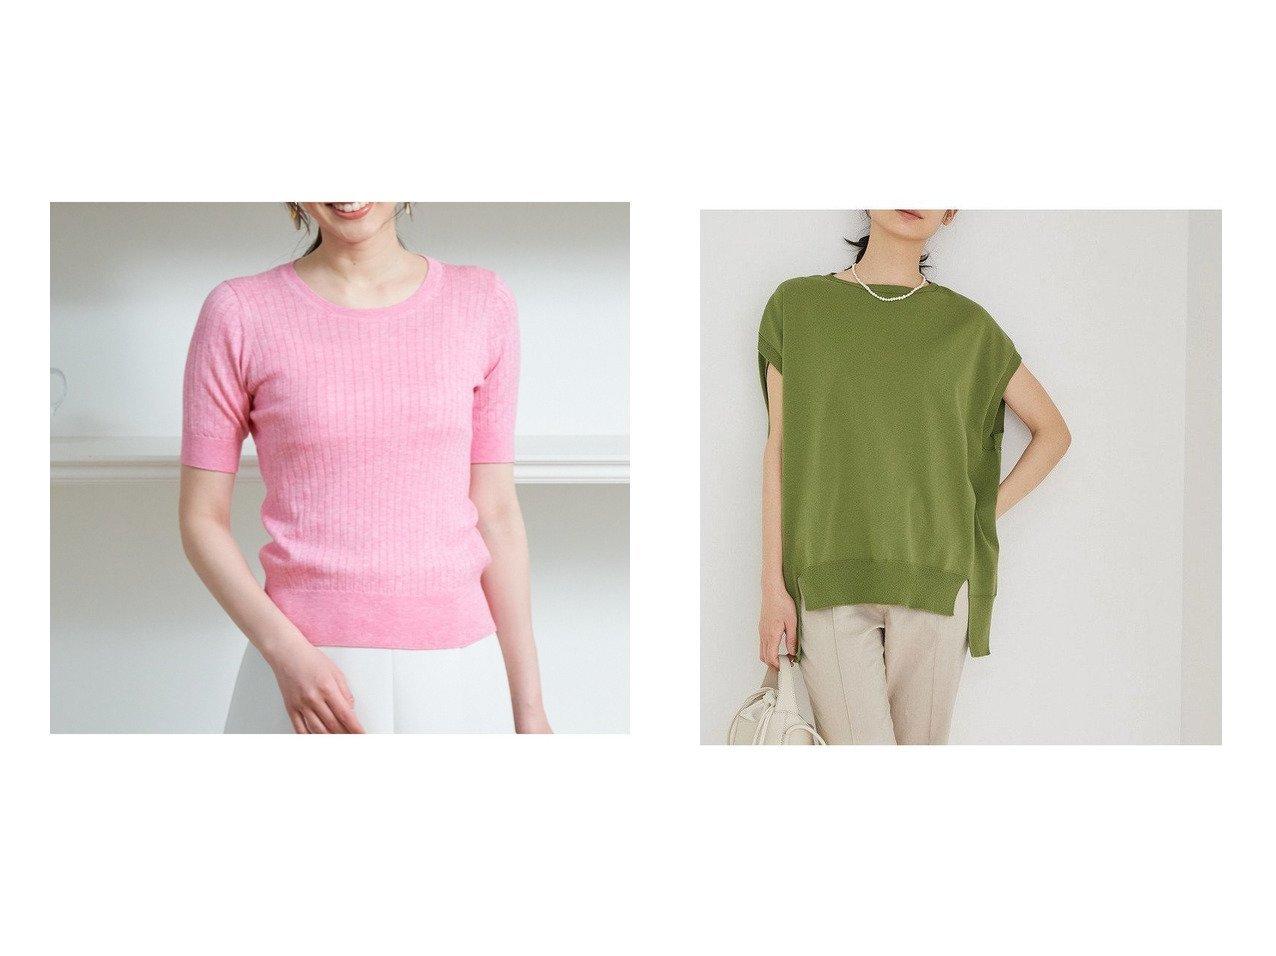 【ANAYI/アナイ】のコットンカシミヤワイドリブプルオーバー&【ROPE'/ロペ】の【洗える】ハイゲージホールガーメントフレンチスリーブニット 【トップス・カットソー】おすすめ!人気、トレンド・レディースファッションの通販   おすすめで人気の流行・トレンド、ファッションの通販商品 インテリア・家具・メンズファッション・キッズファッション・レディースファッション・服の通販 founy(ファニー) https://founy.com/ ファッション Fashion レディースファッション WOMEN トップス・カットソー Tops/Tshirt ニット Knit Tops プルオーバー Pullover 洗える ストレッチ スリット スリム セーター ノースリーブ ホールガーメント ポケット モノトーン ワイド 再入荷 Restock/Back in Stock/Re Arrival おすすめ Recommend 夏 Summer |ID:crp329100000053740